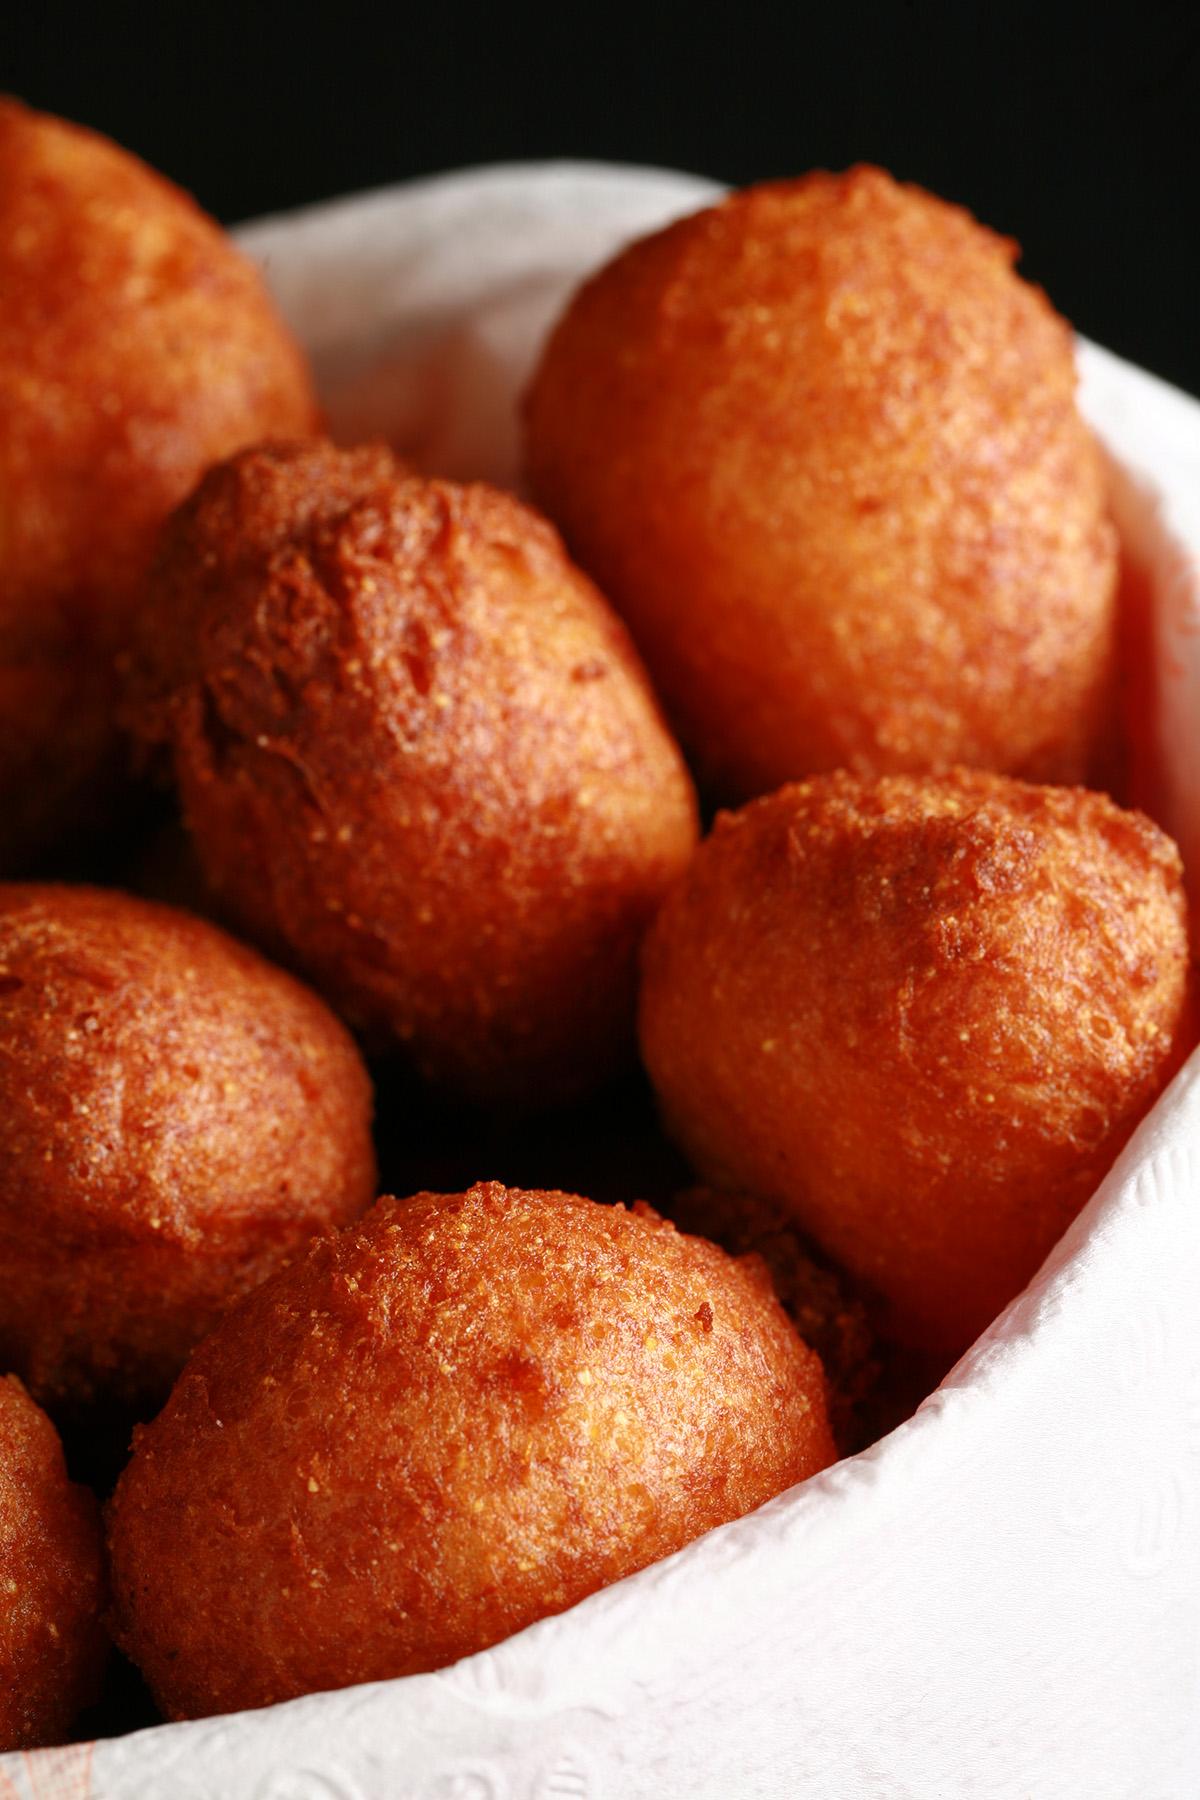 A bowl of gluten-free hush puppies - little balls of deep fried cornmeal dough.